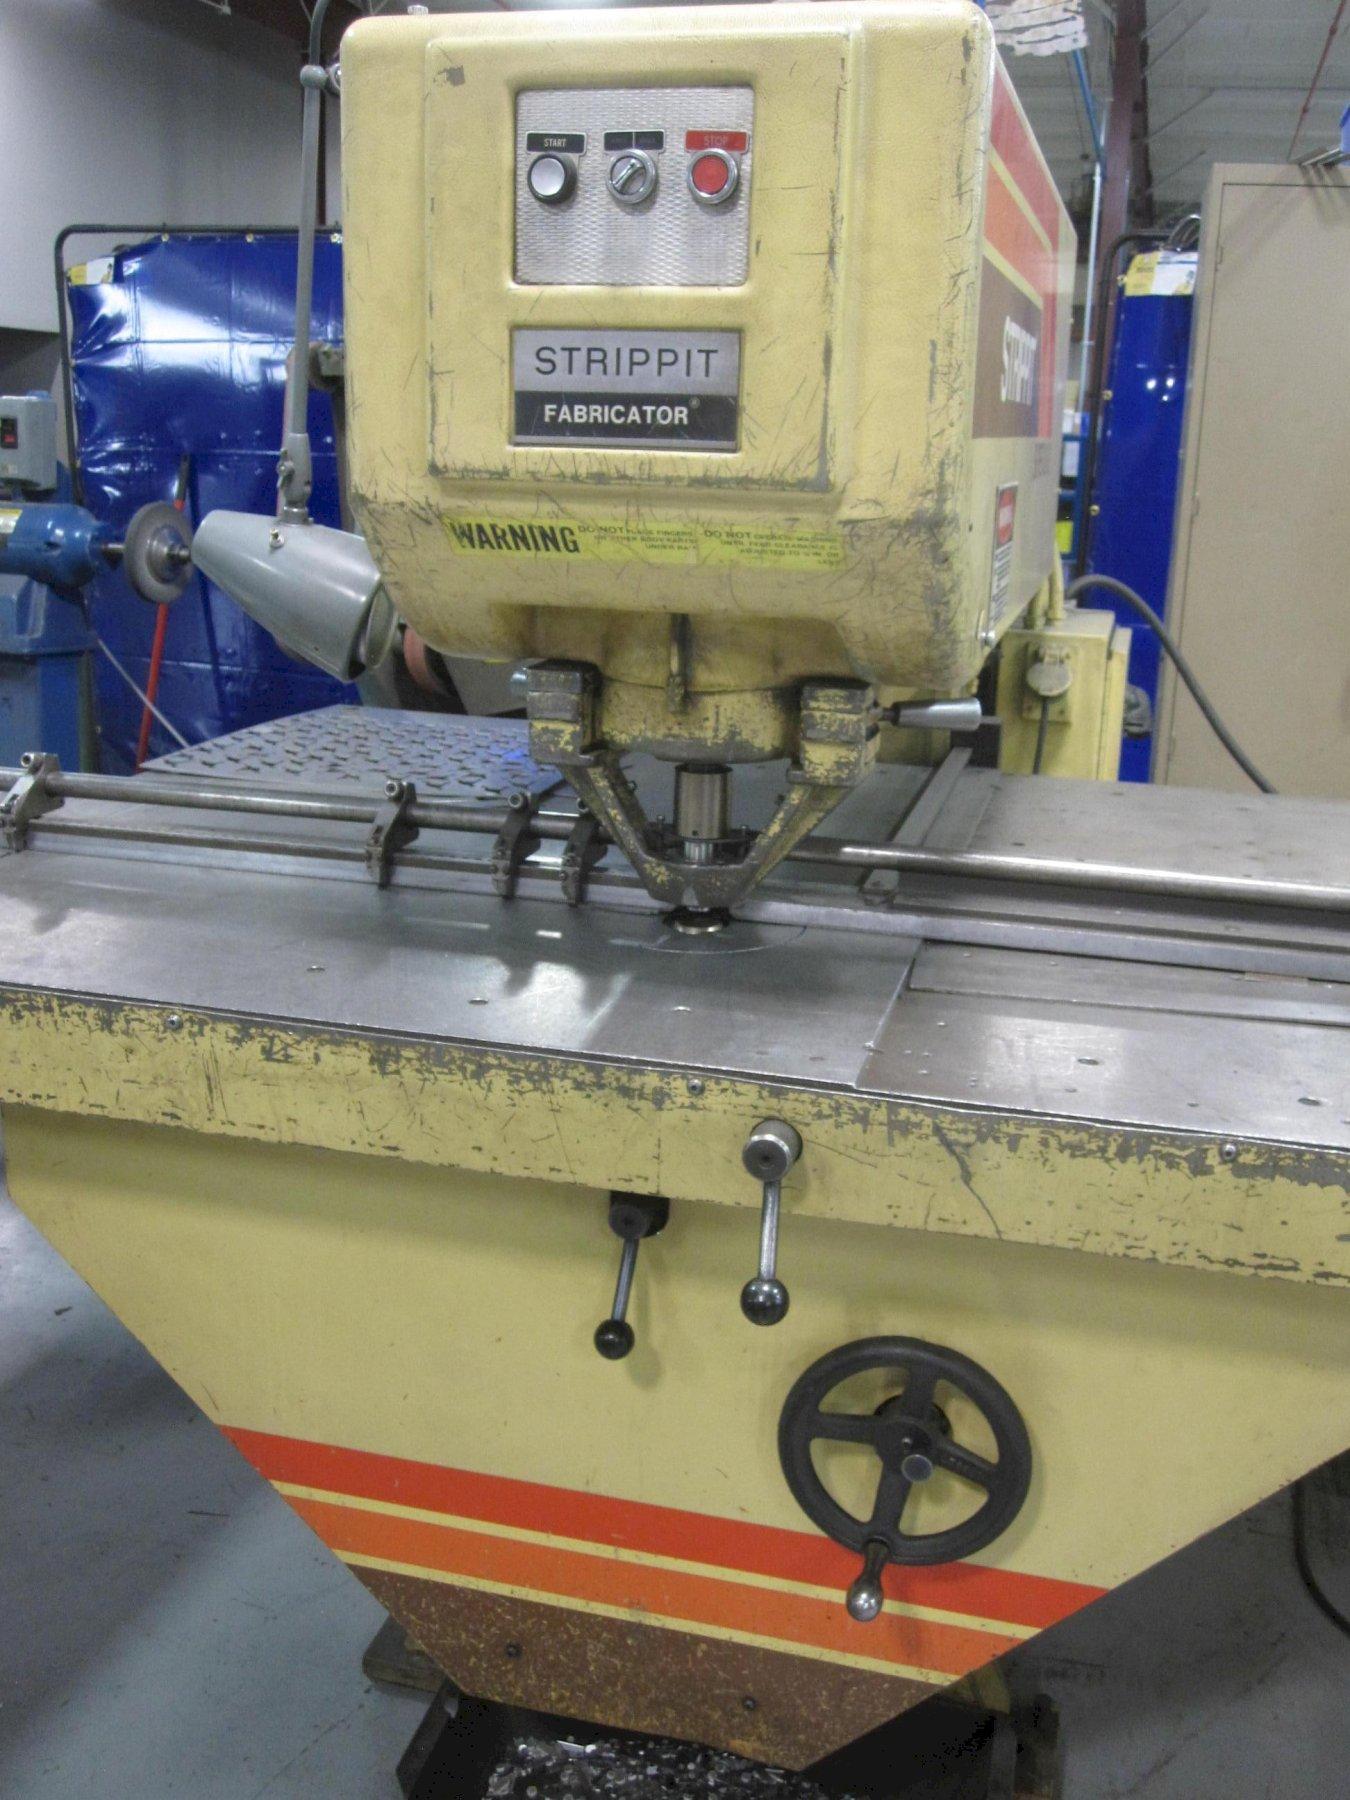 Strippit Super 30/30 Turret Punch Press